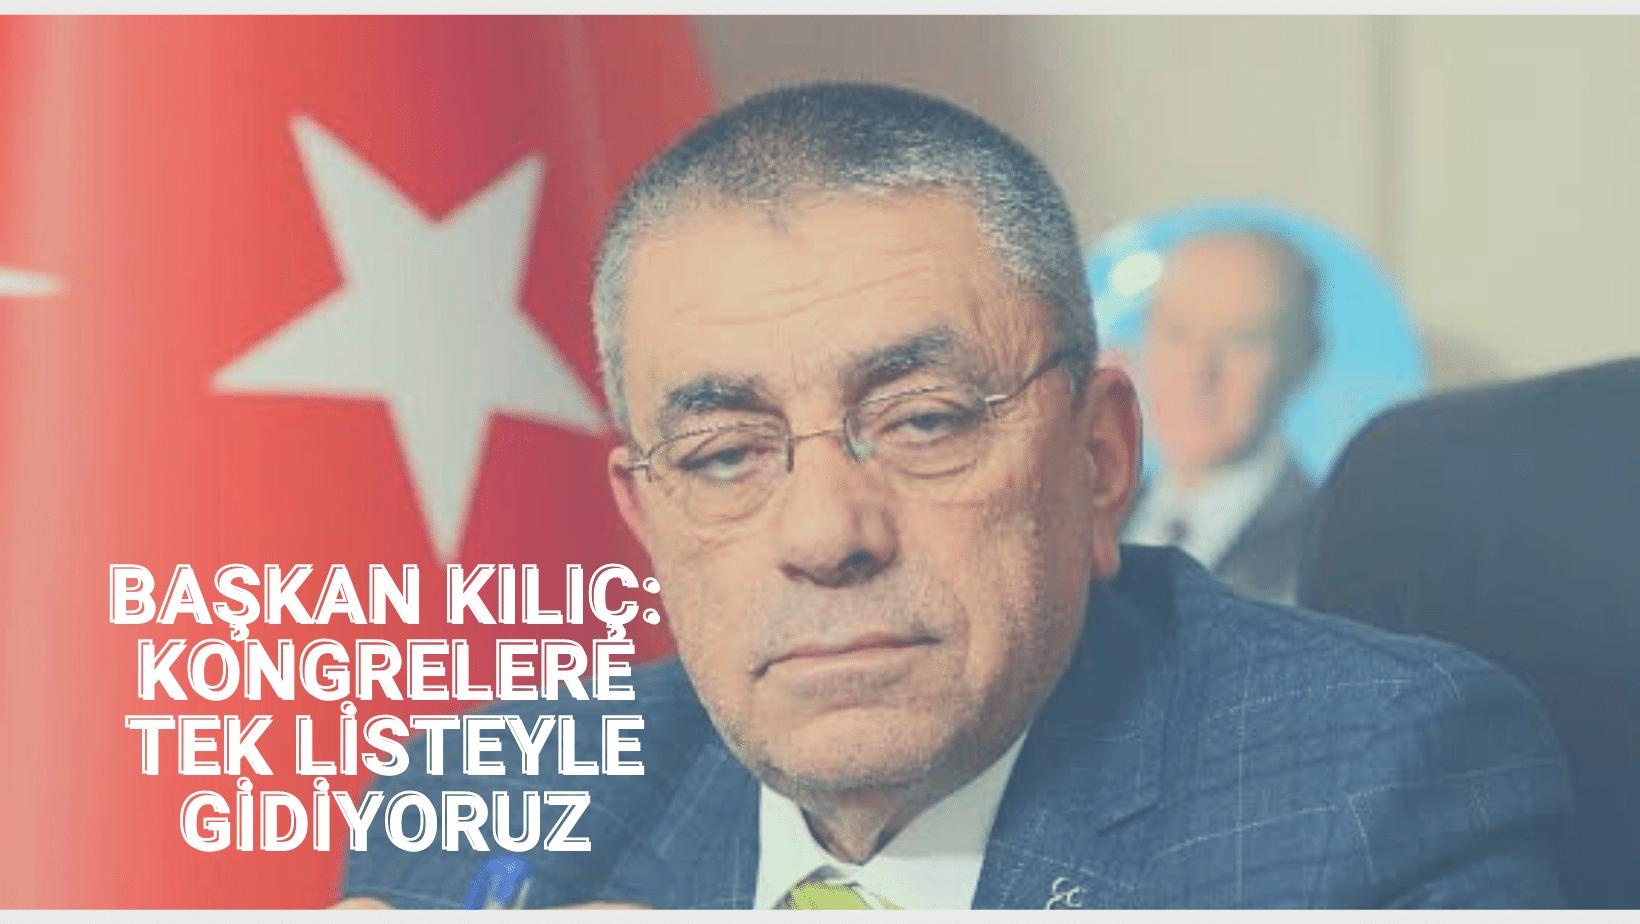 MHP İL Başkanı Kılıç: Kongrelere tek listeyle gidiyoruz